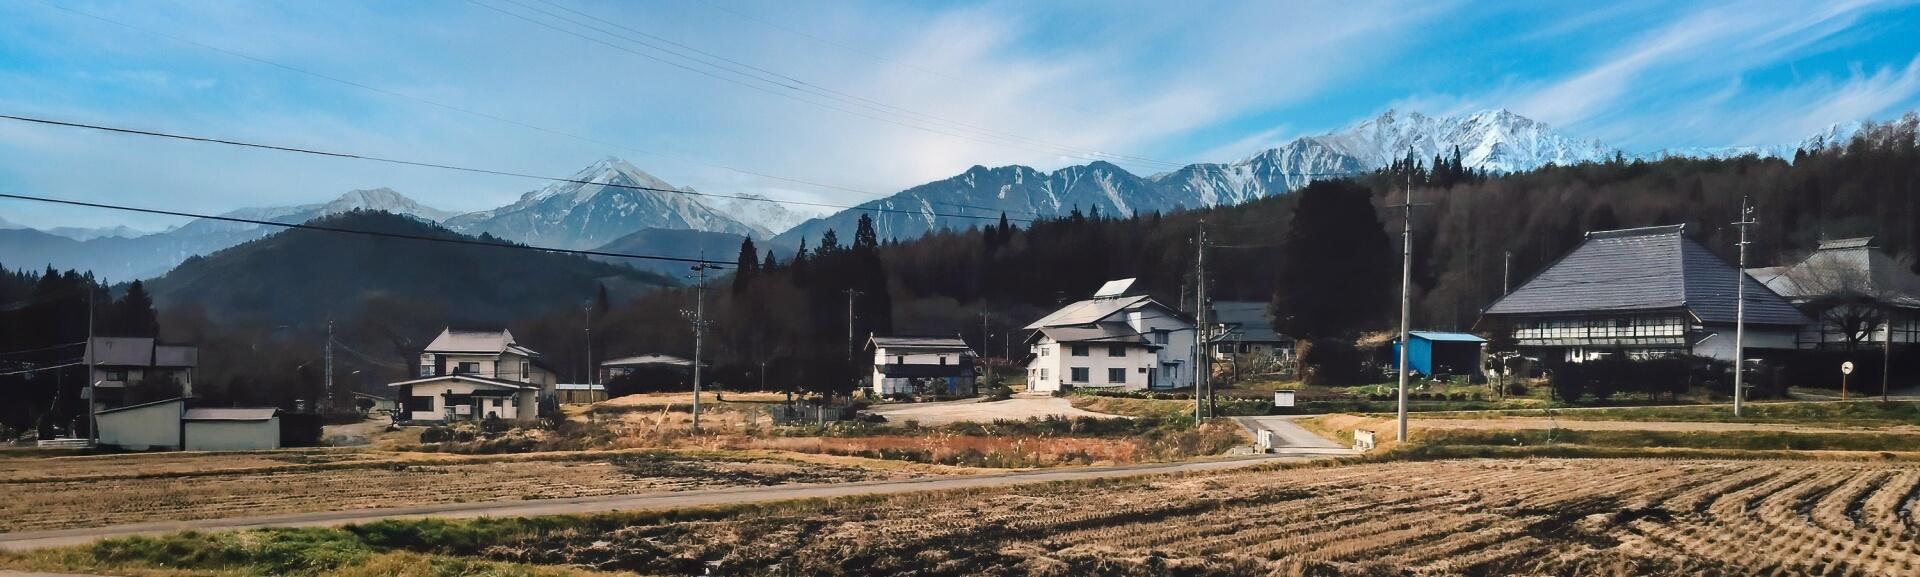 nagano-rural-landscape